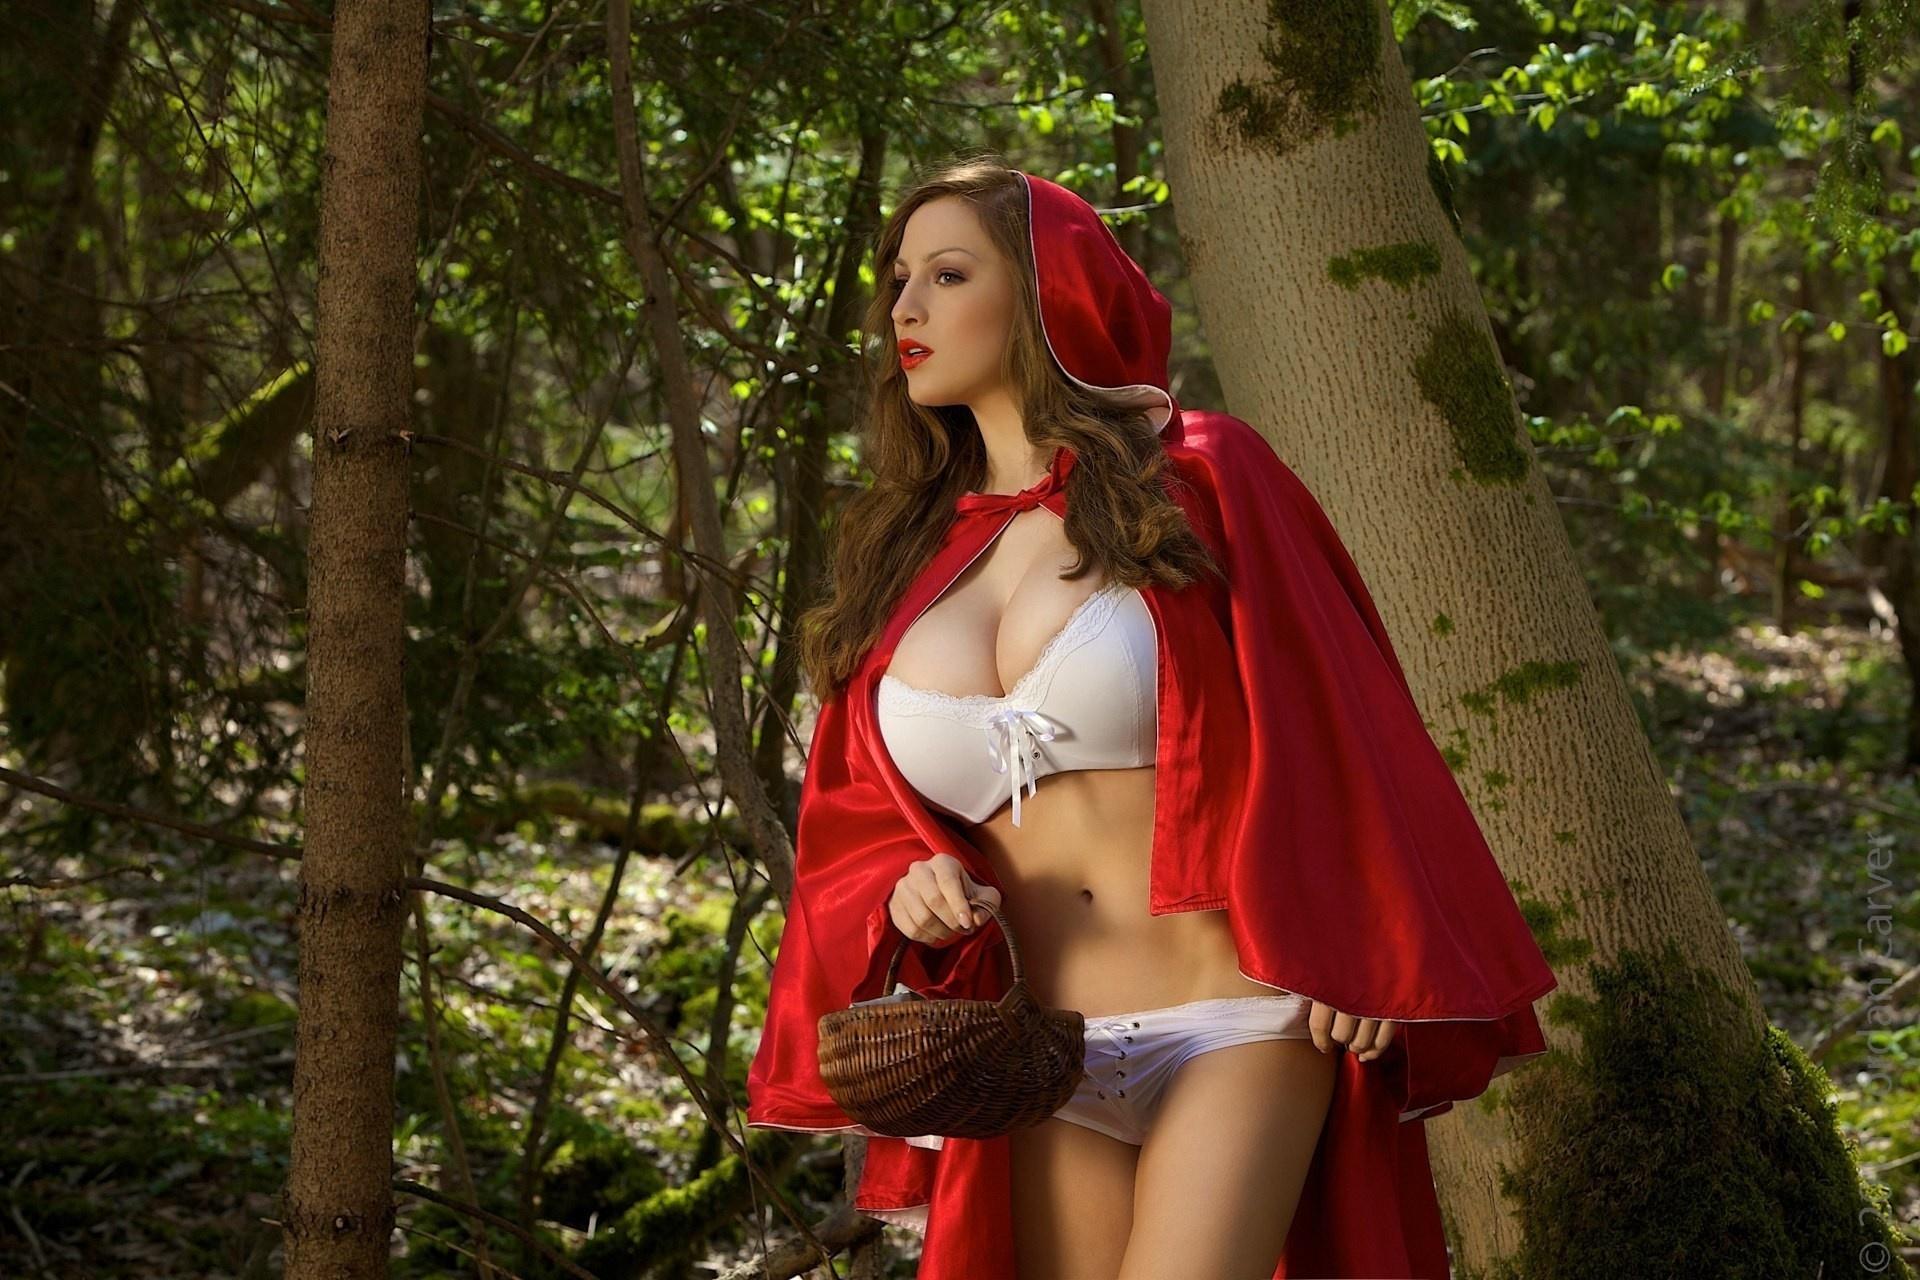 красная шапочка сиськи